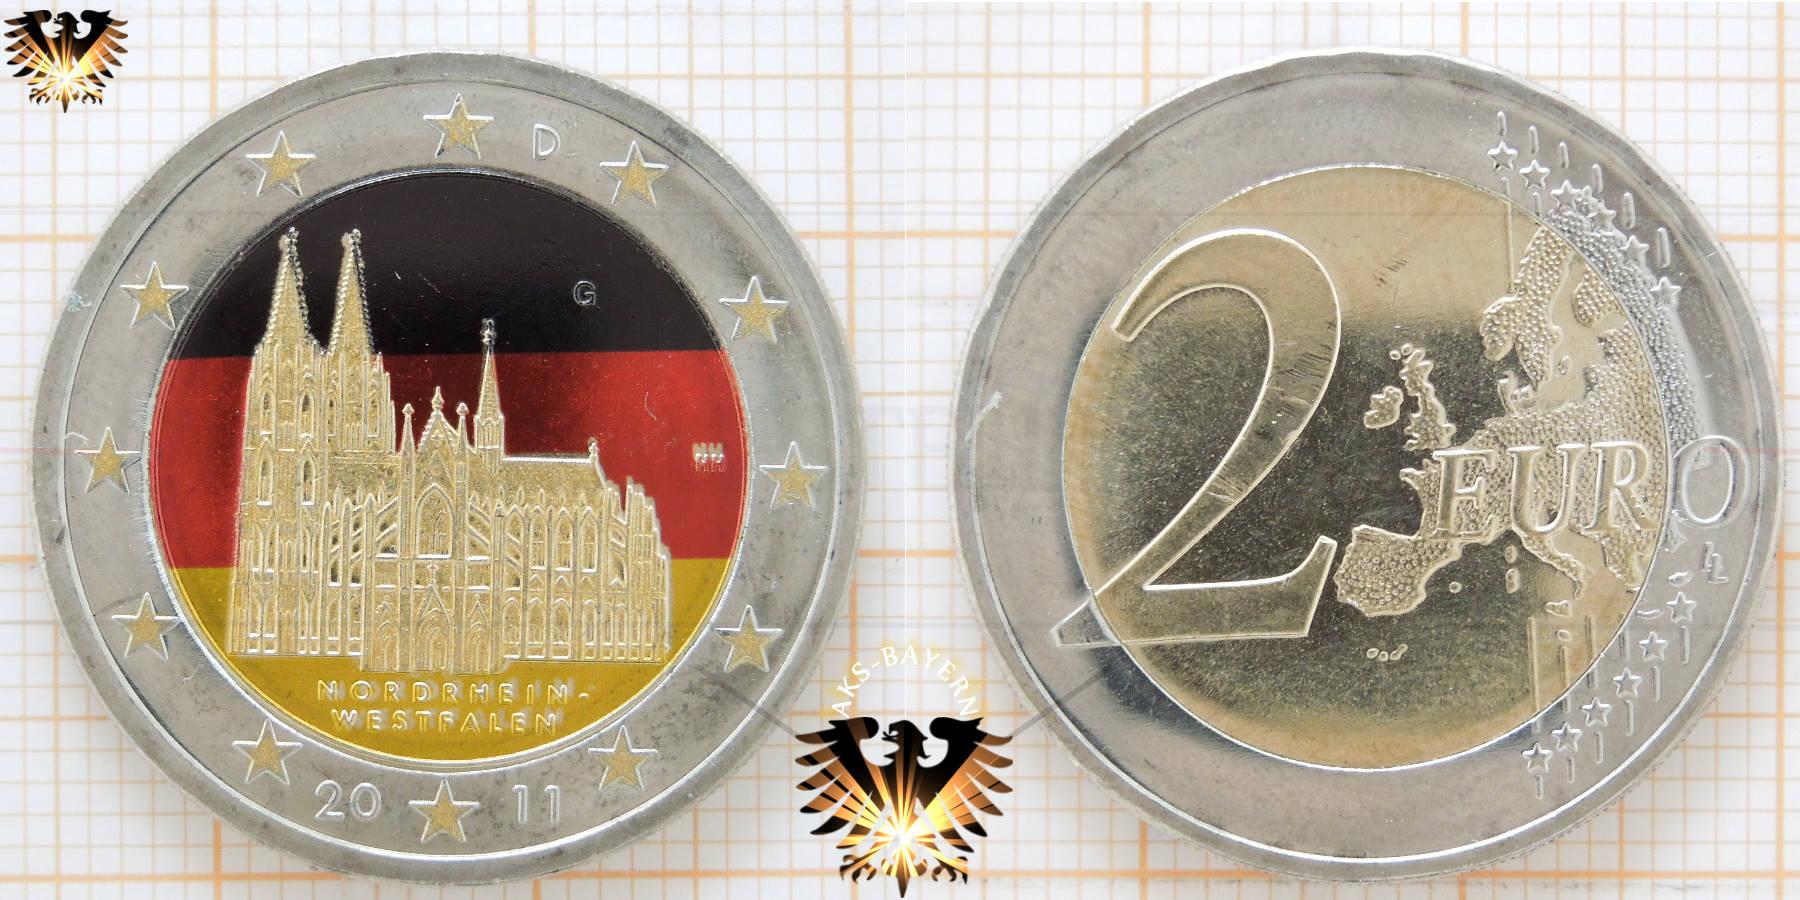 2 Brd 2011 Prägeort München Gedenkmünze Nordrhein Westfalen